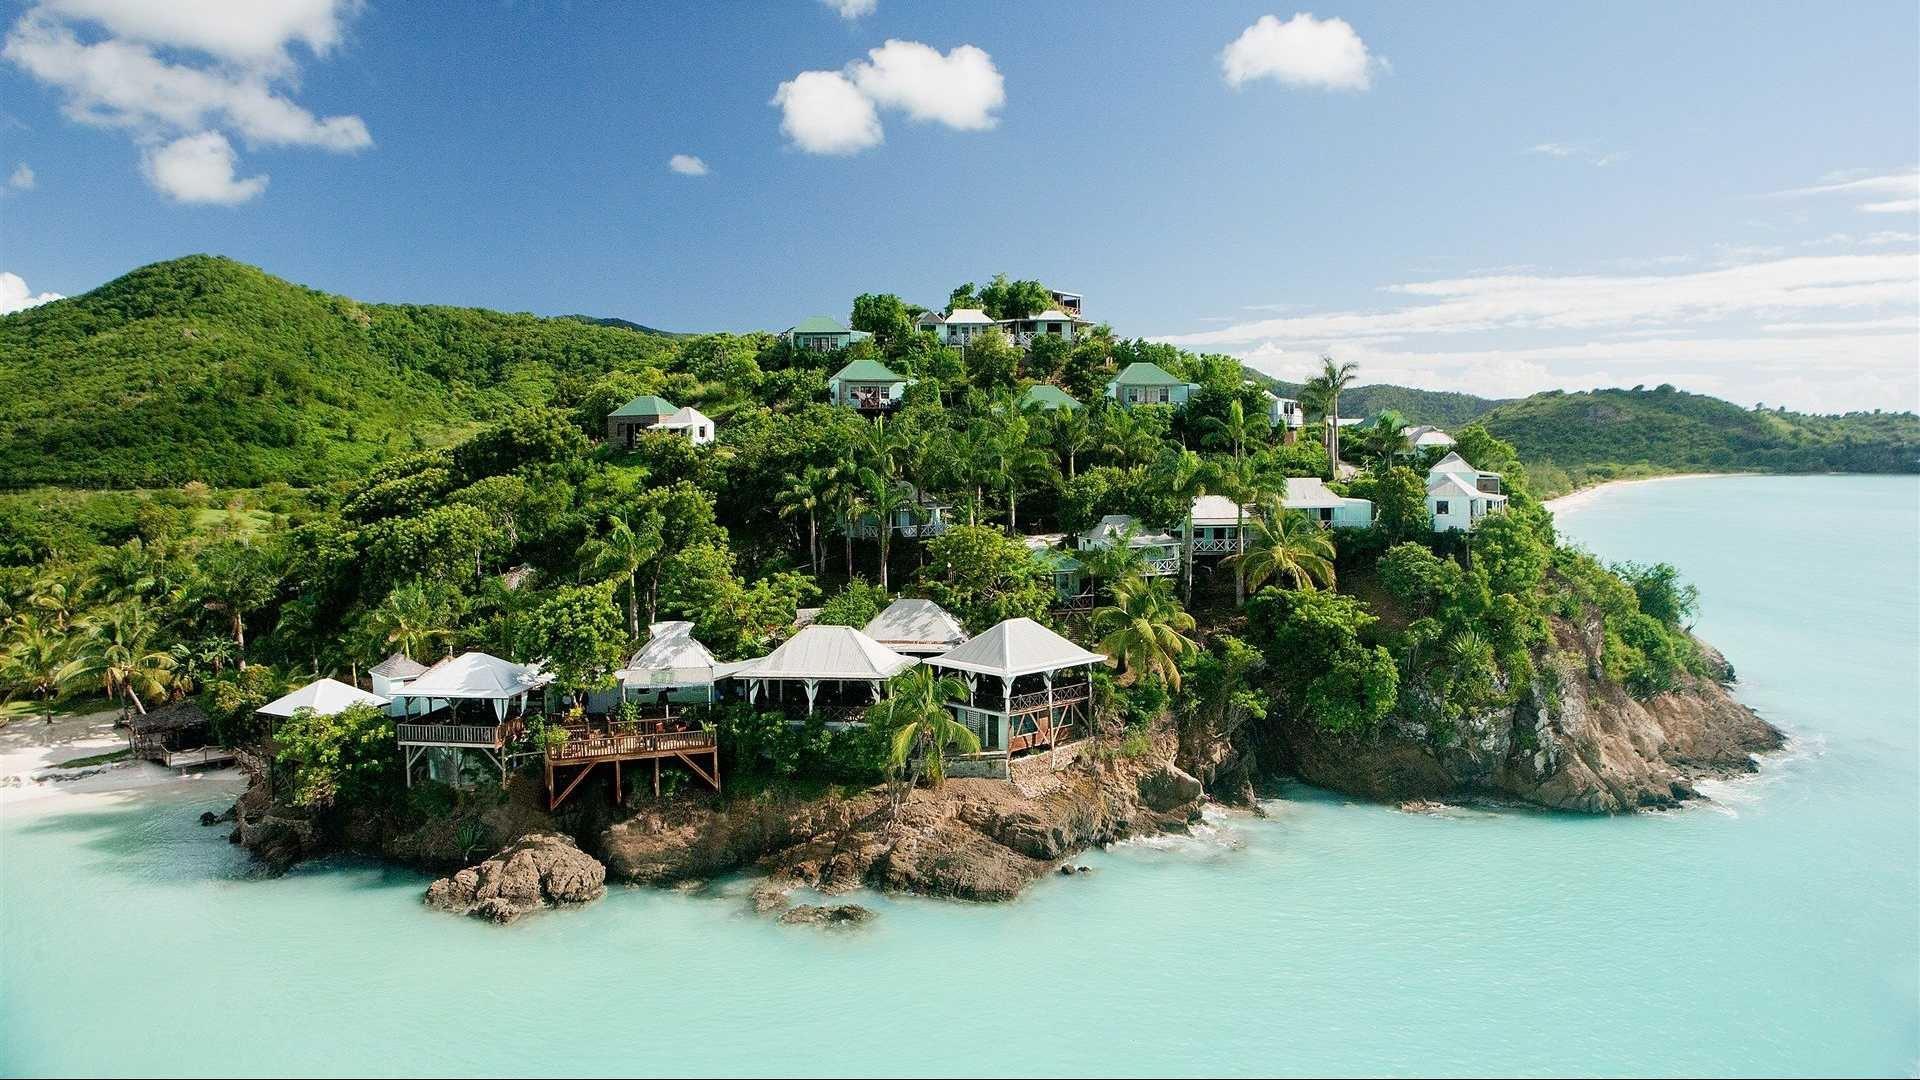 Antigua Background